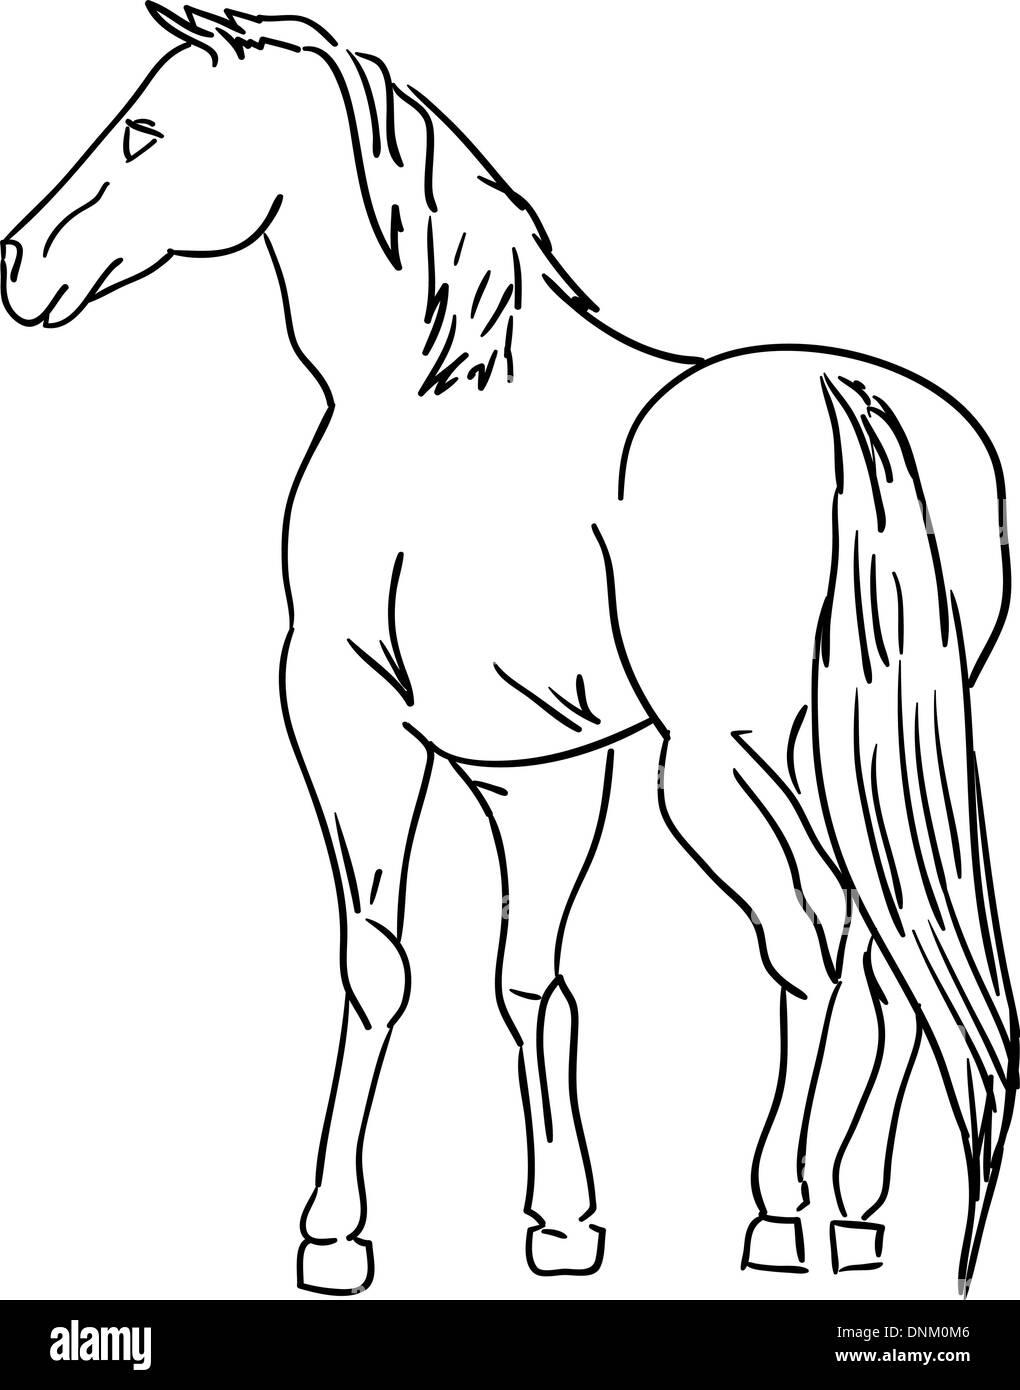 Vektor-Version. Schwarzes Pferd Silhouette isoliert auf weiss für Design. Stockbild